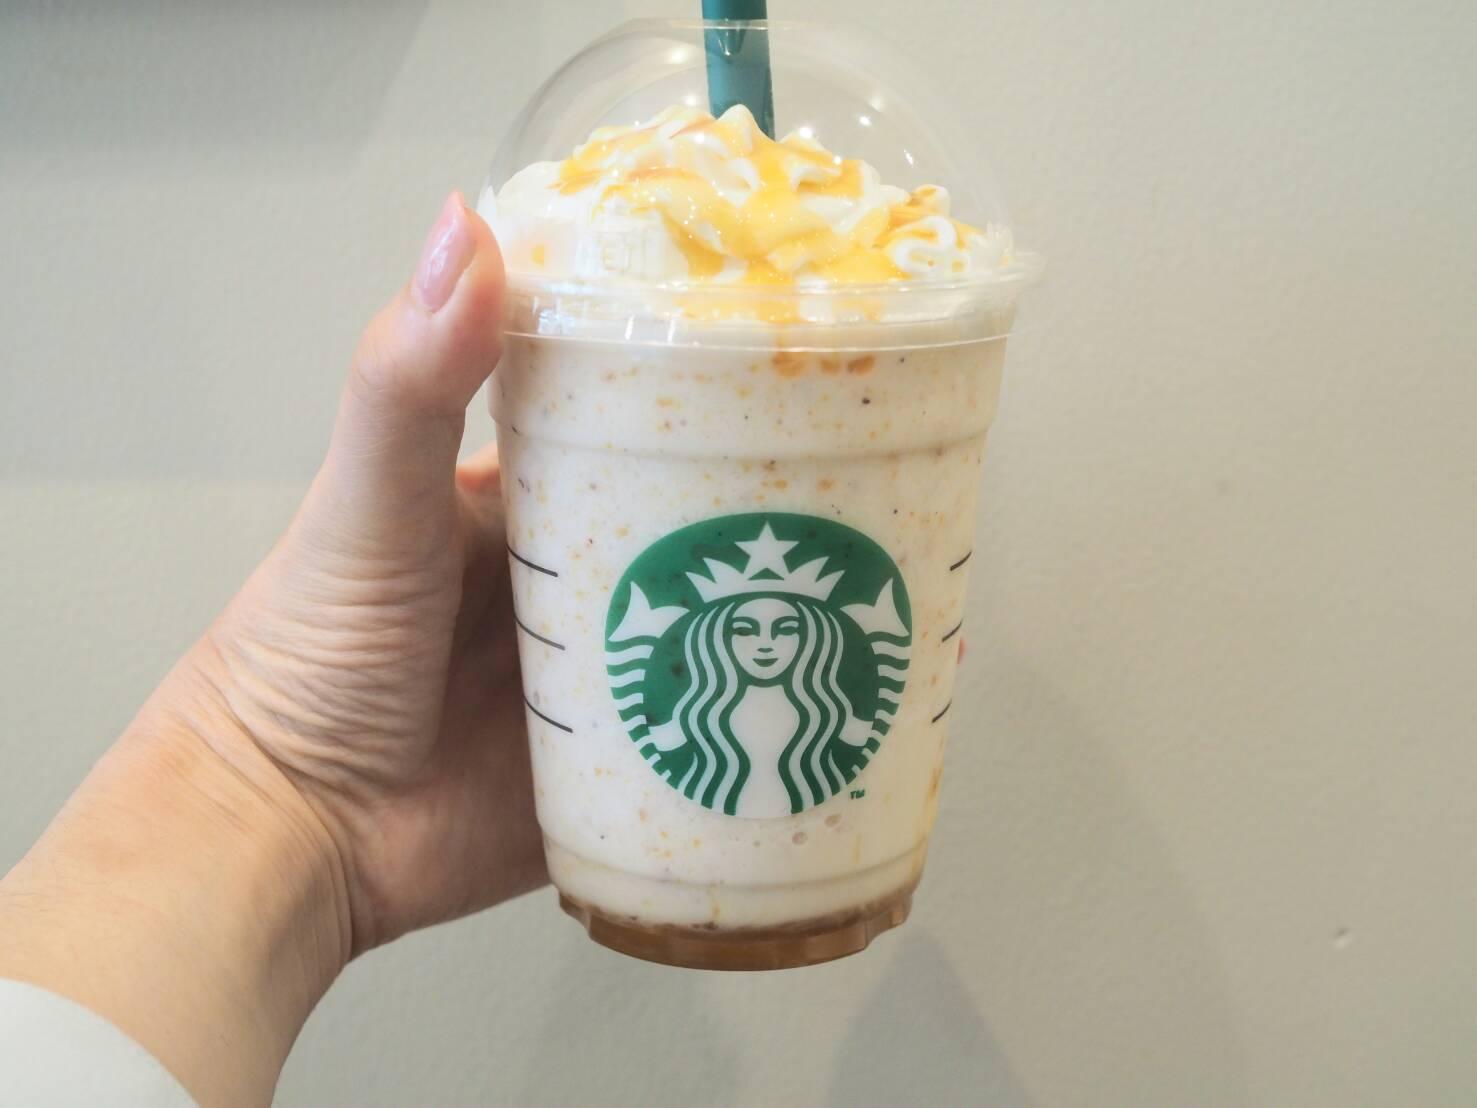 【スタバ】「スイート ポテト ゴールド フラペチーノ」は芋感バツグン!